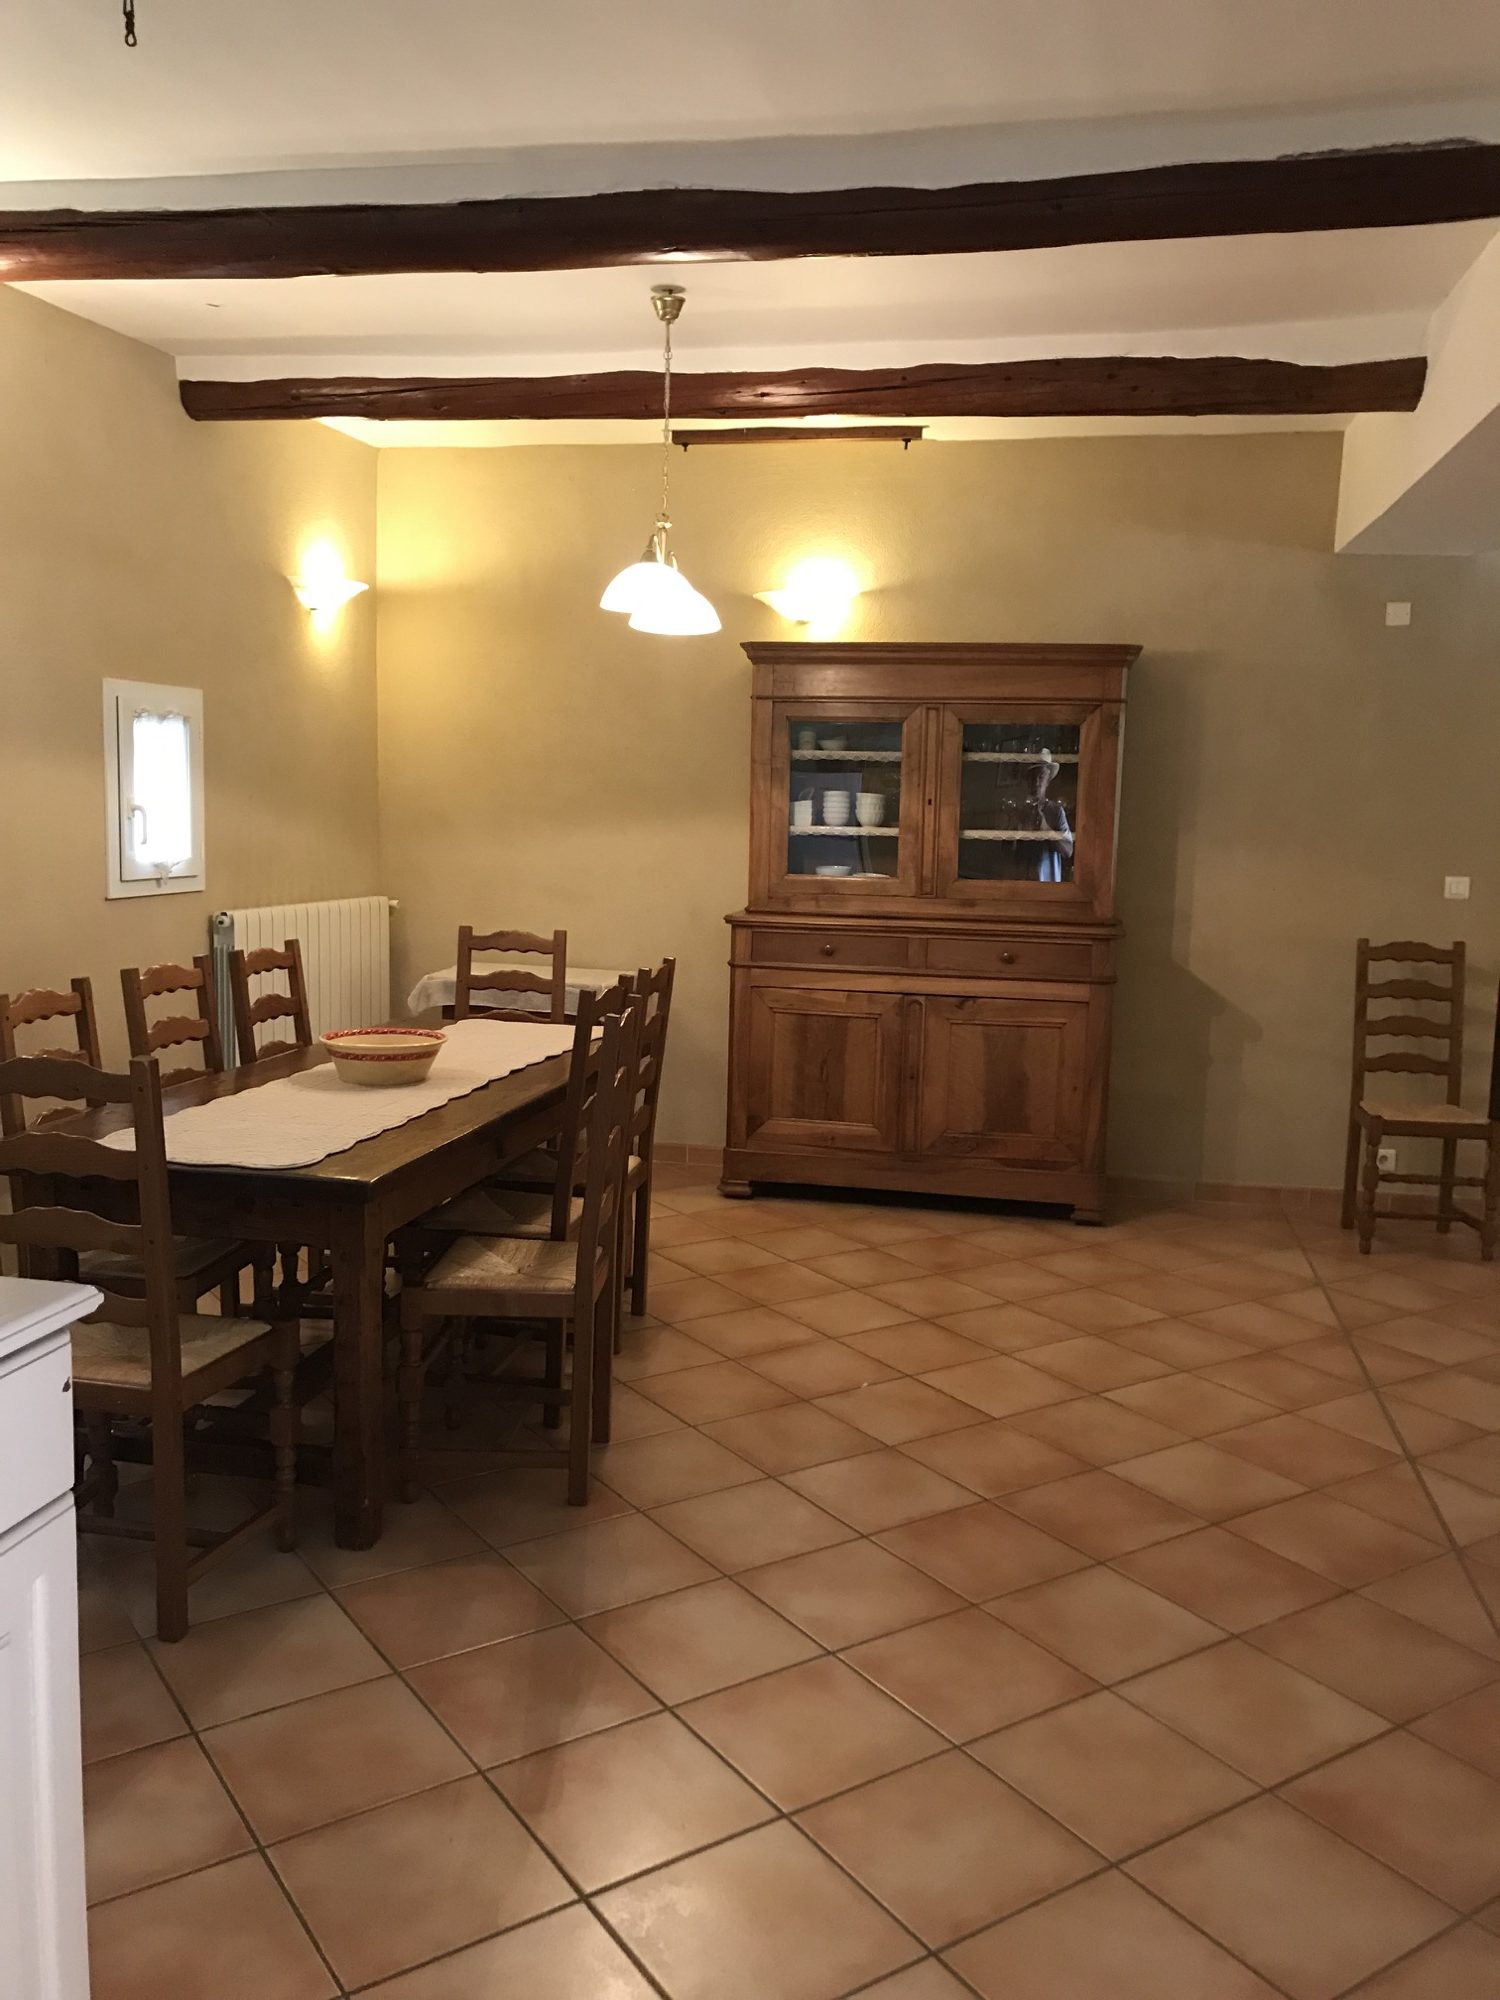 Grande salle à manger / dining room